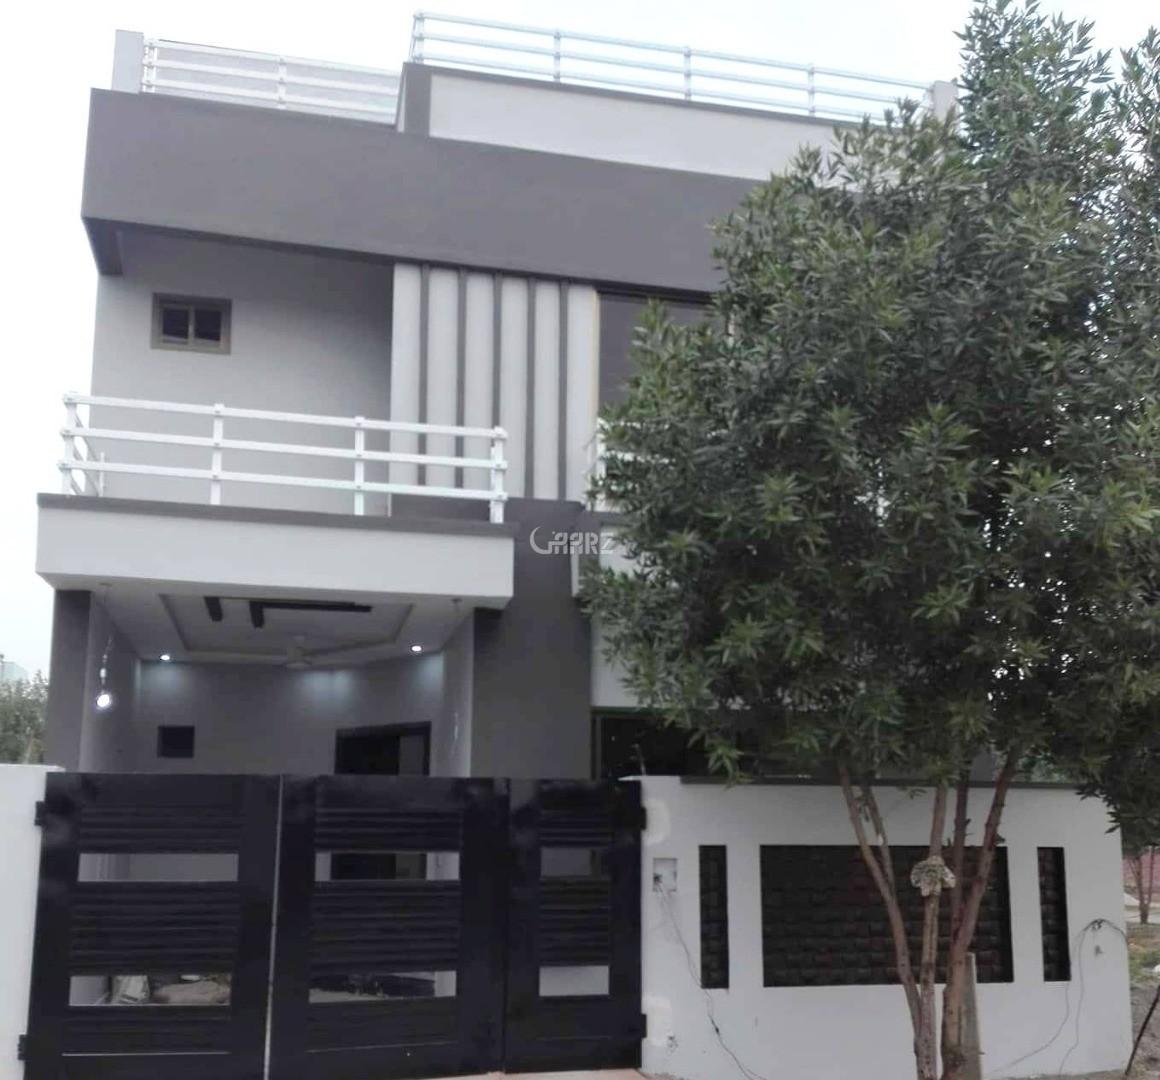 5 marla house for sale in citi housing sialkot - aarz.pk